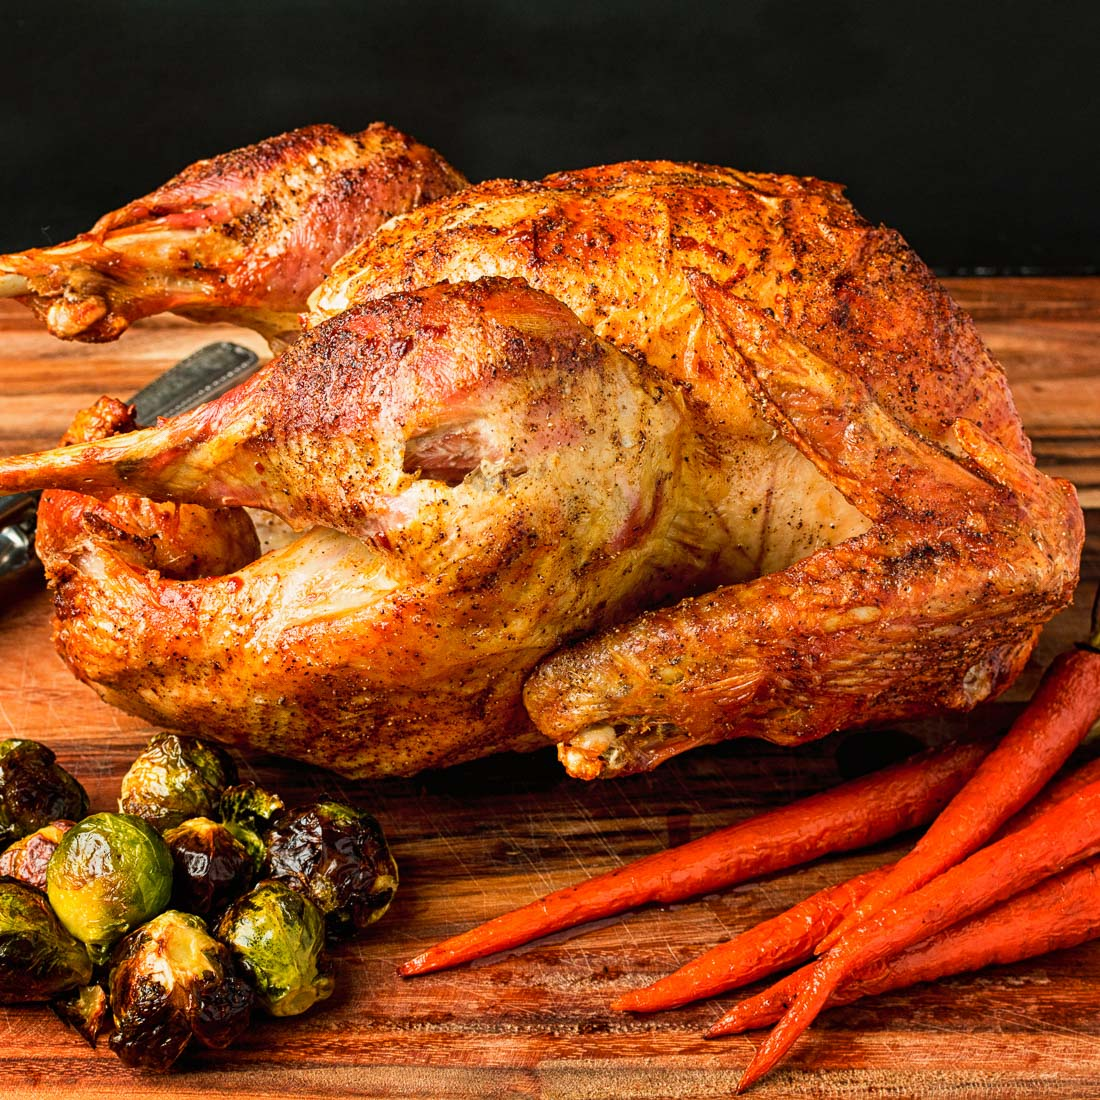 DIY brined roast turkey